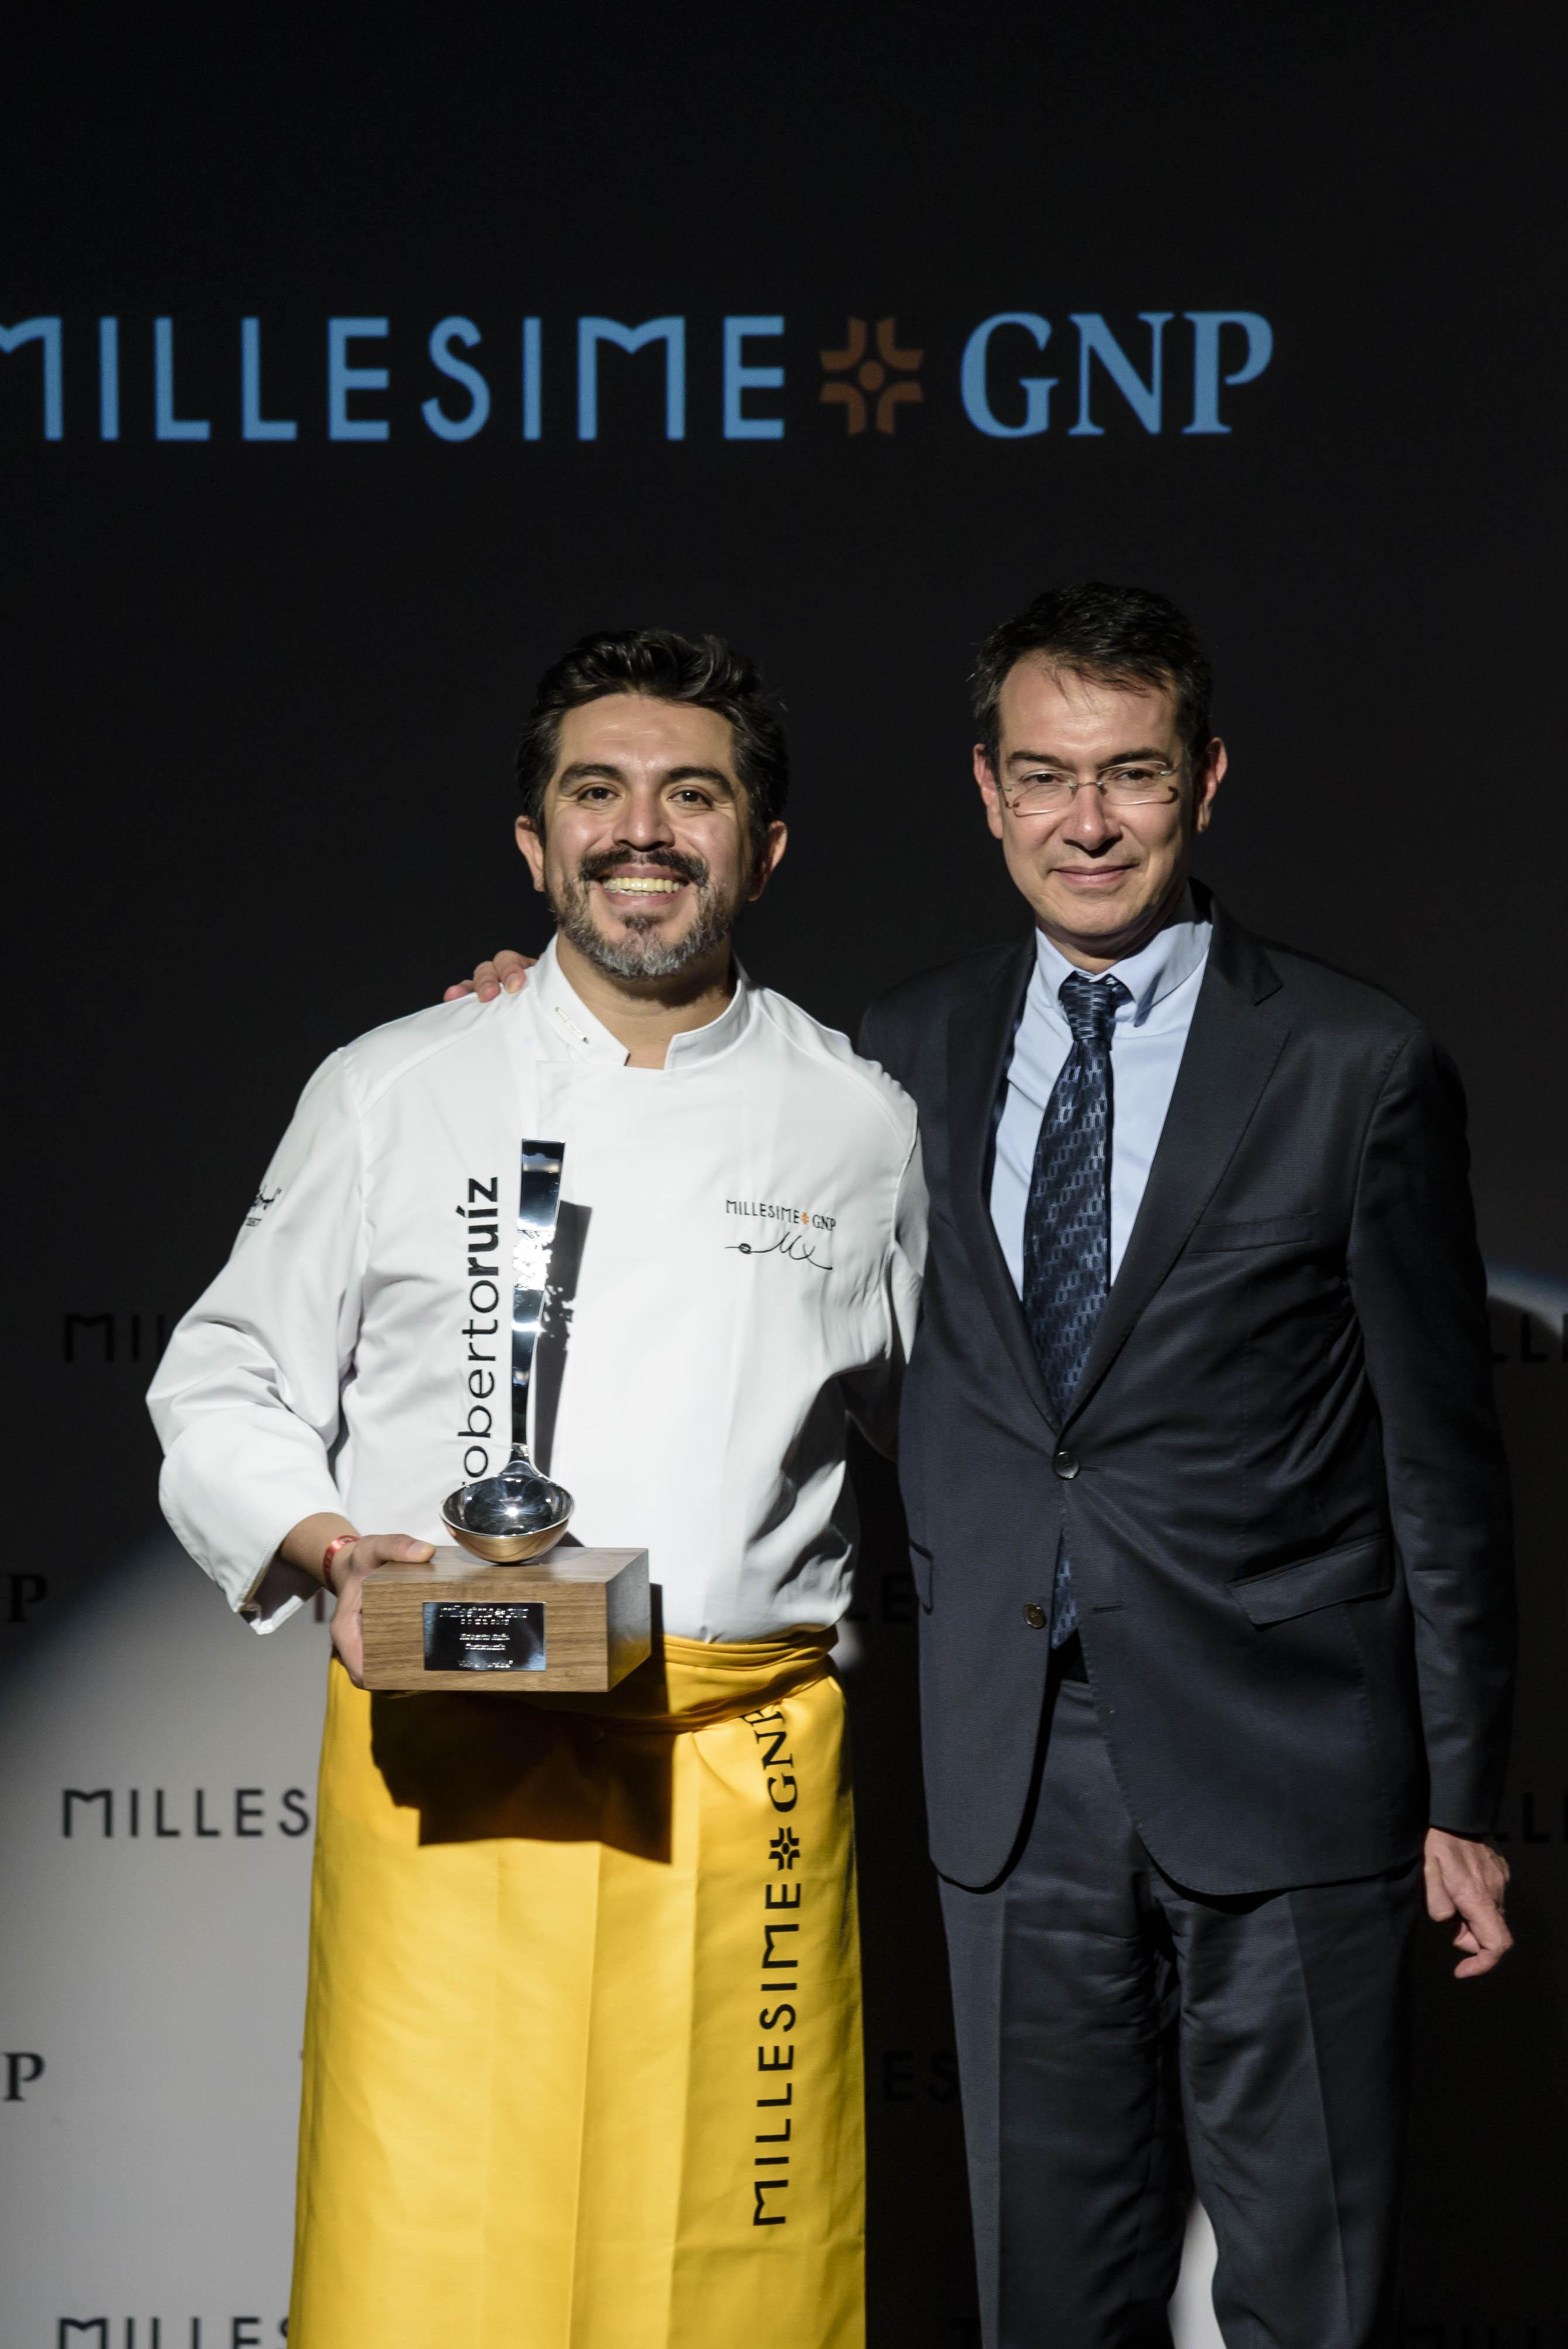 El chef Roberto Ruiz, Premio Vivir es Increíble a la Gastronomía entregado por Erick SEiersen, director general Diageo México